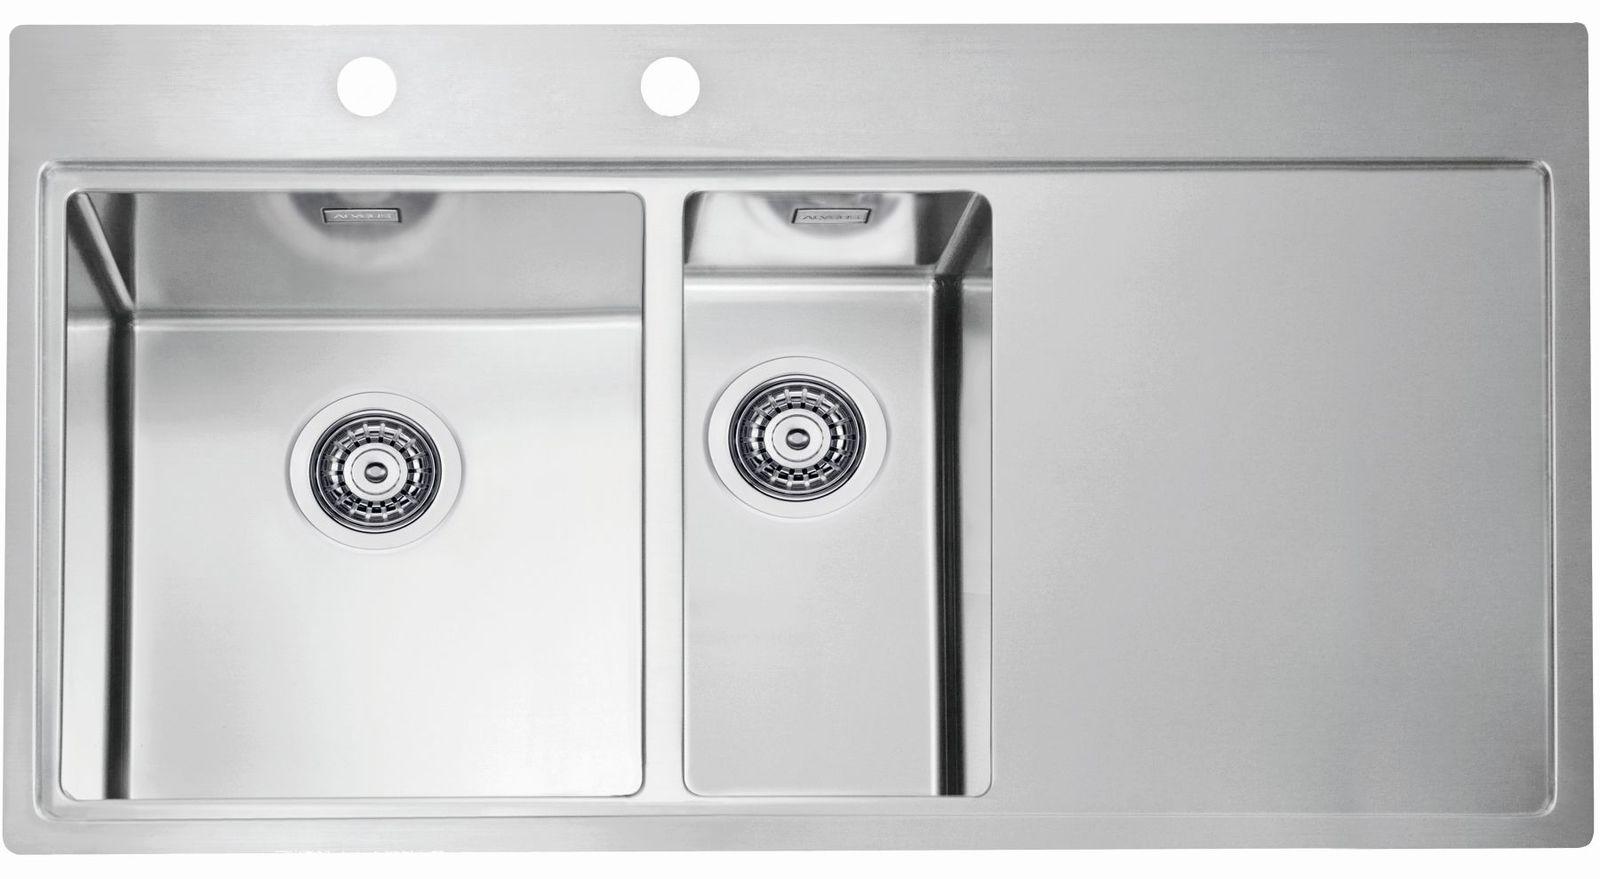 Wunderbar Billige Küchenspülen Und Schränke Zeitgenössisch - Küchen ...